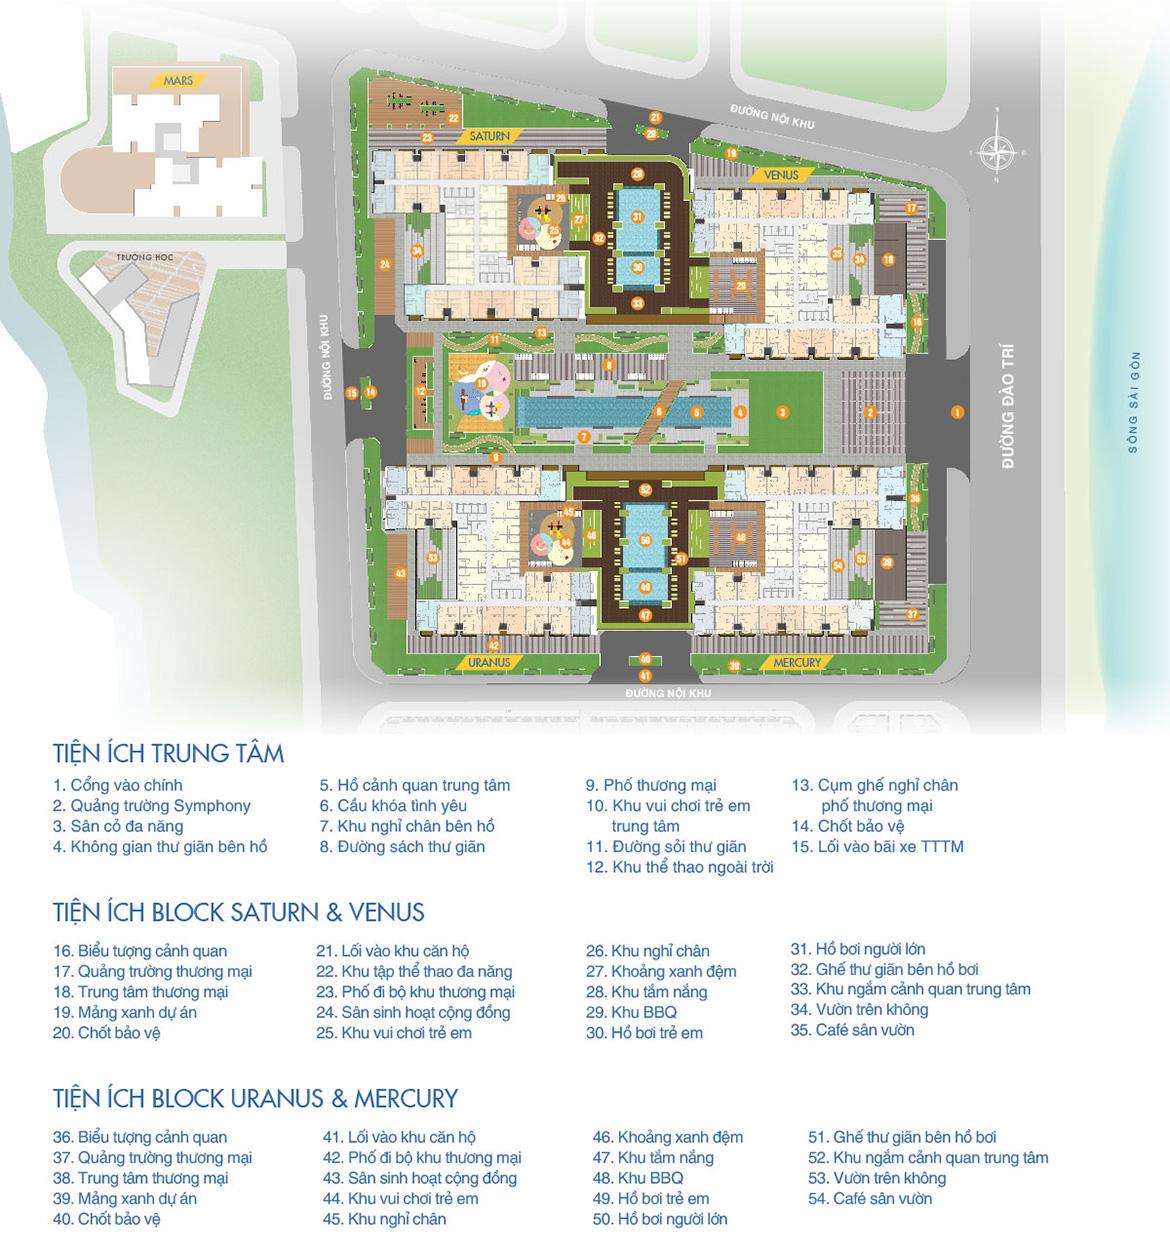 Mặt bằng tiện ích dự án căn hộ chung cư Q7 Saigon Riverside đường Đào Trí quận 7